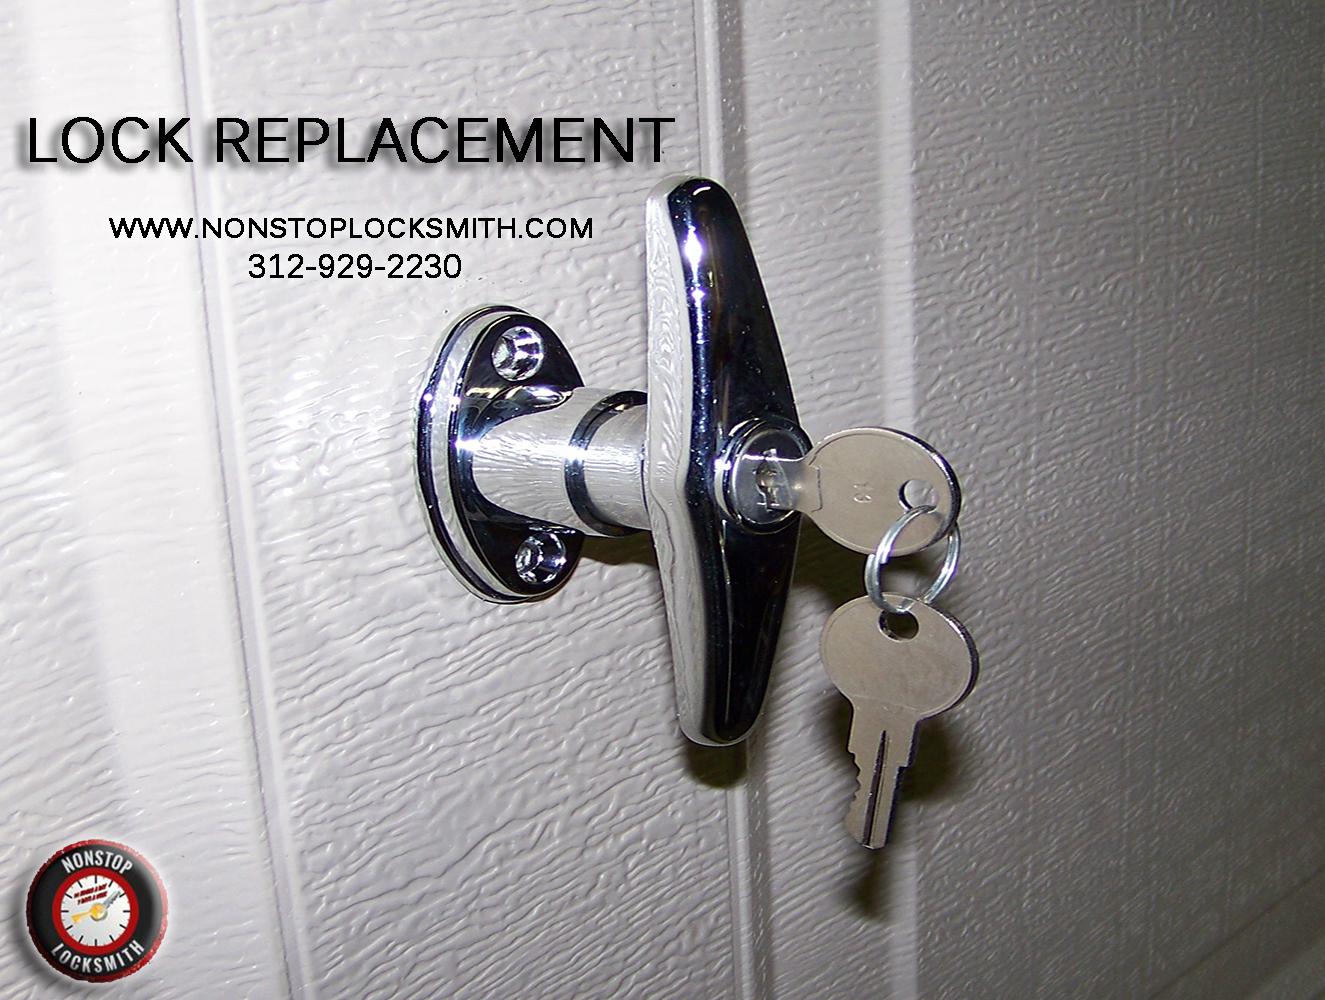 Lock Replacement Nonstop Locksmith Company Located In Chicago Illinois Is Bbb And Aloa Accredited Licensed Experi Garage Door Lock Garage Doors Door Locks